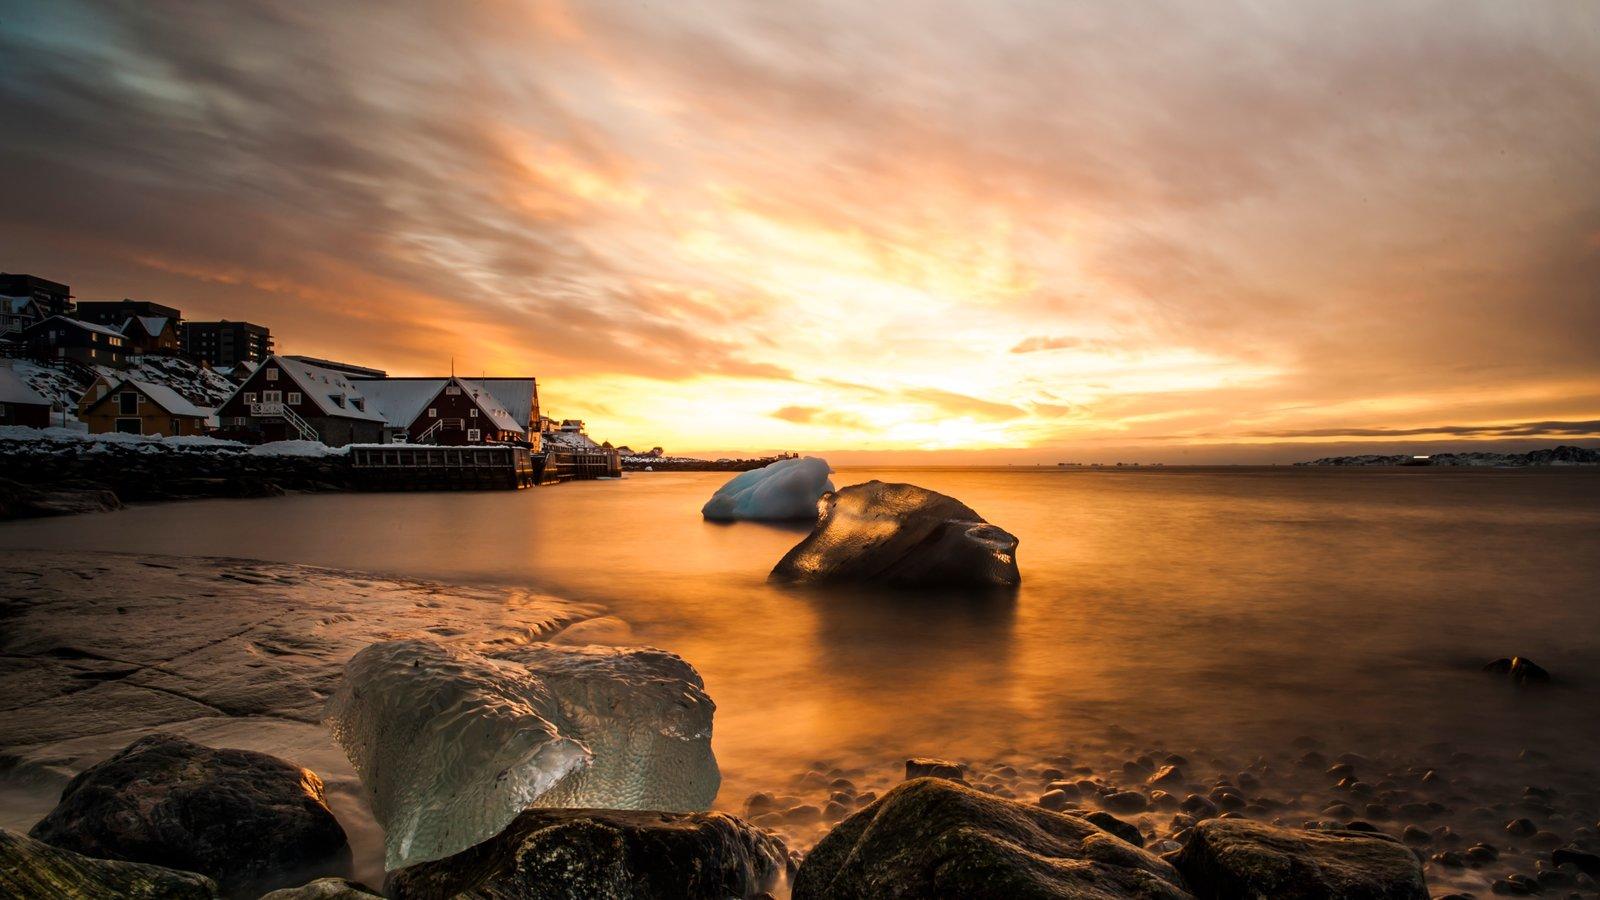 Nuuk mostrando nieve, vistas generales de la costa y una puesta de sol